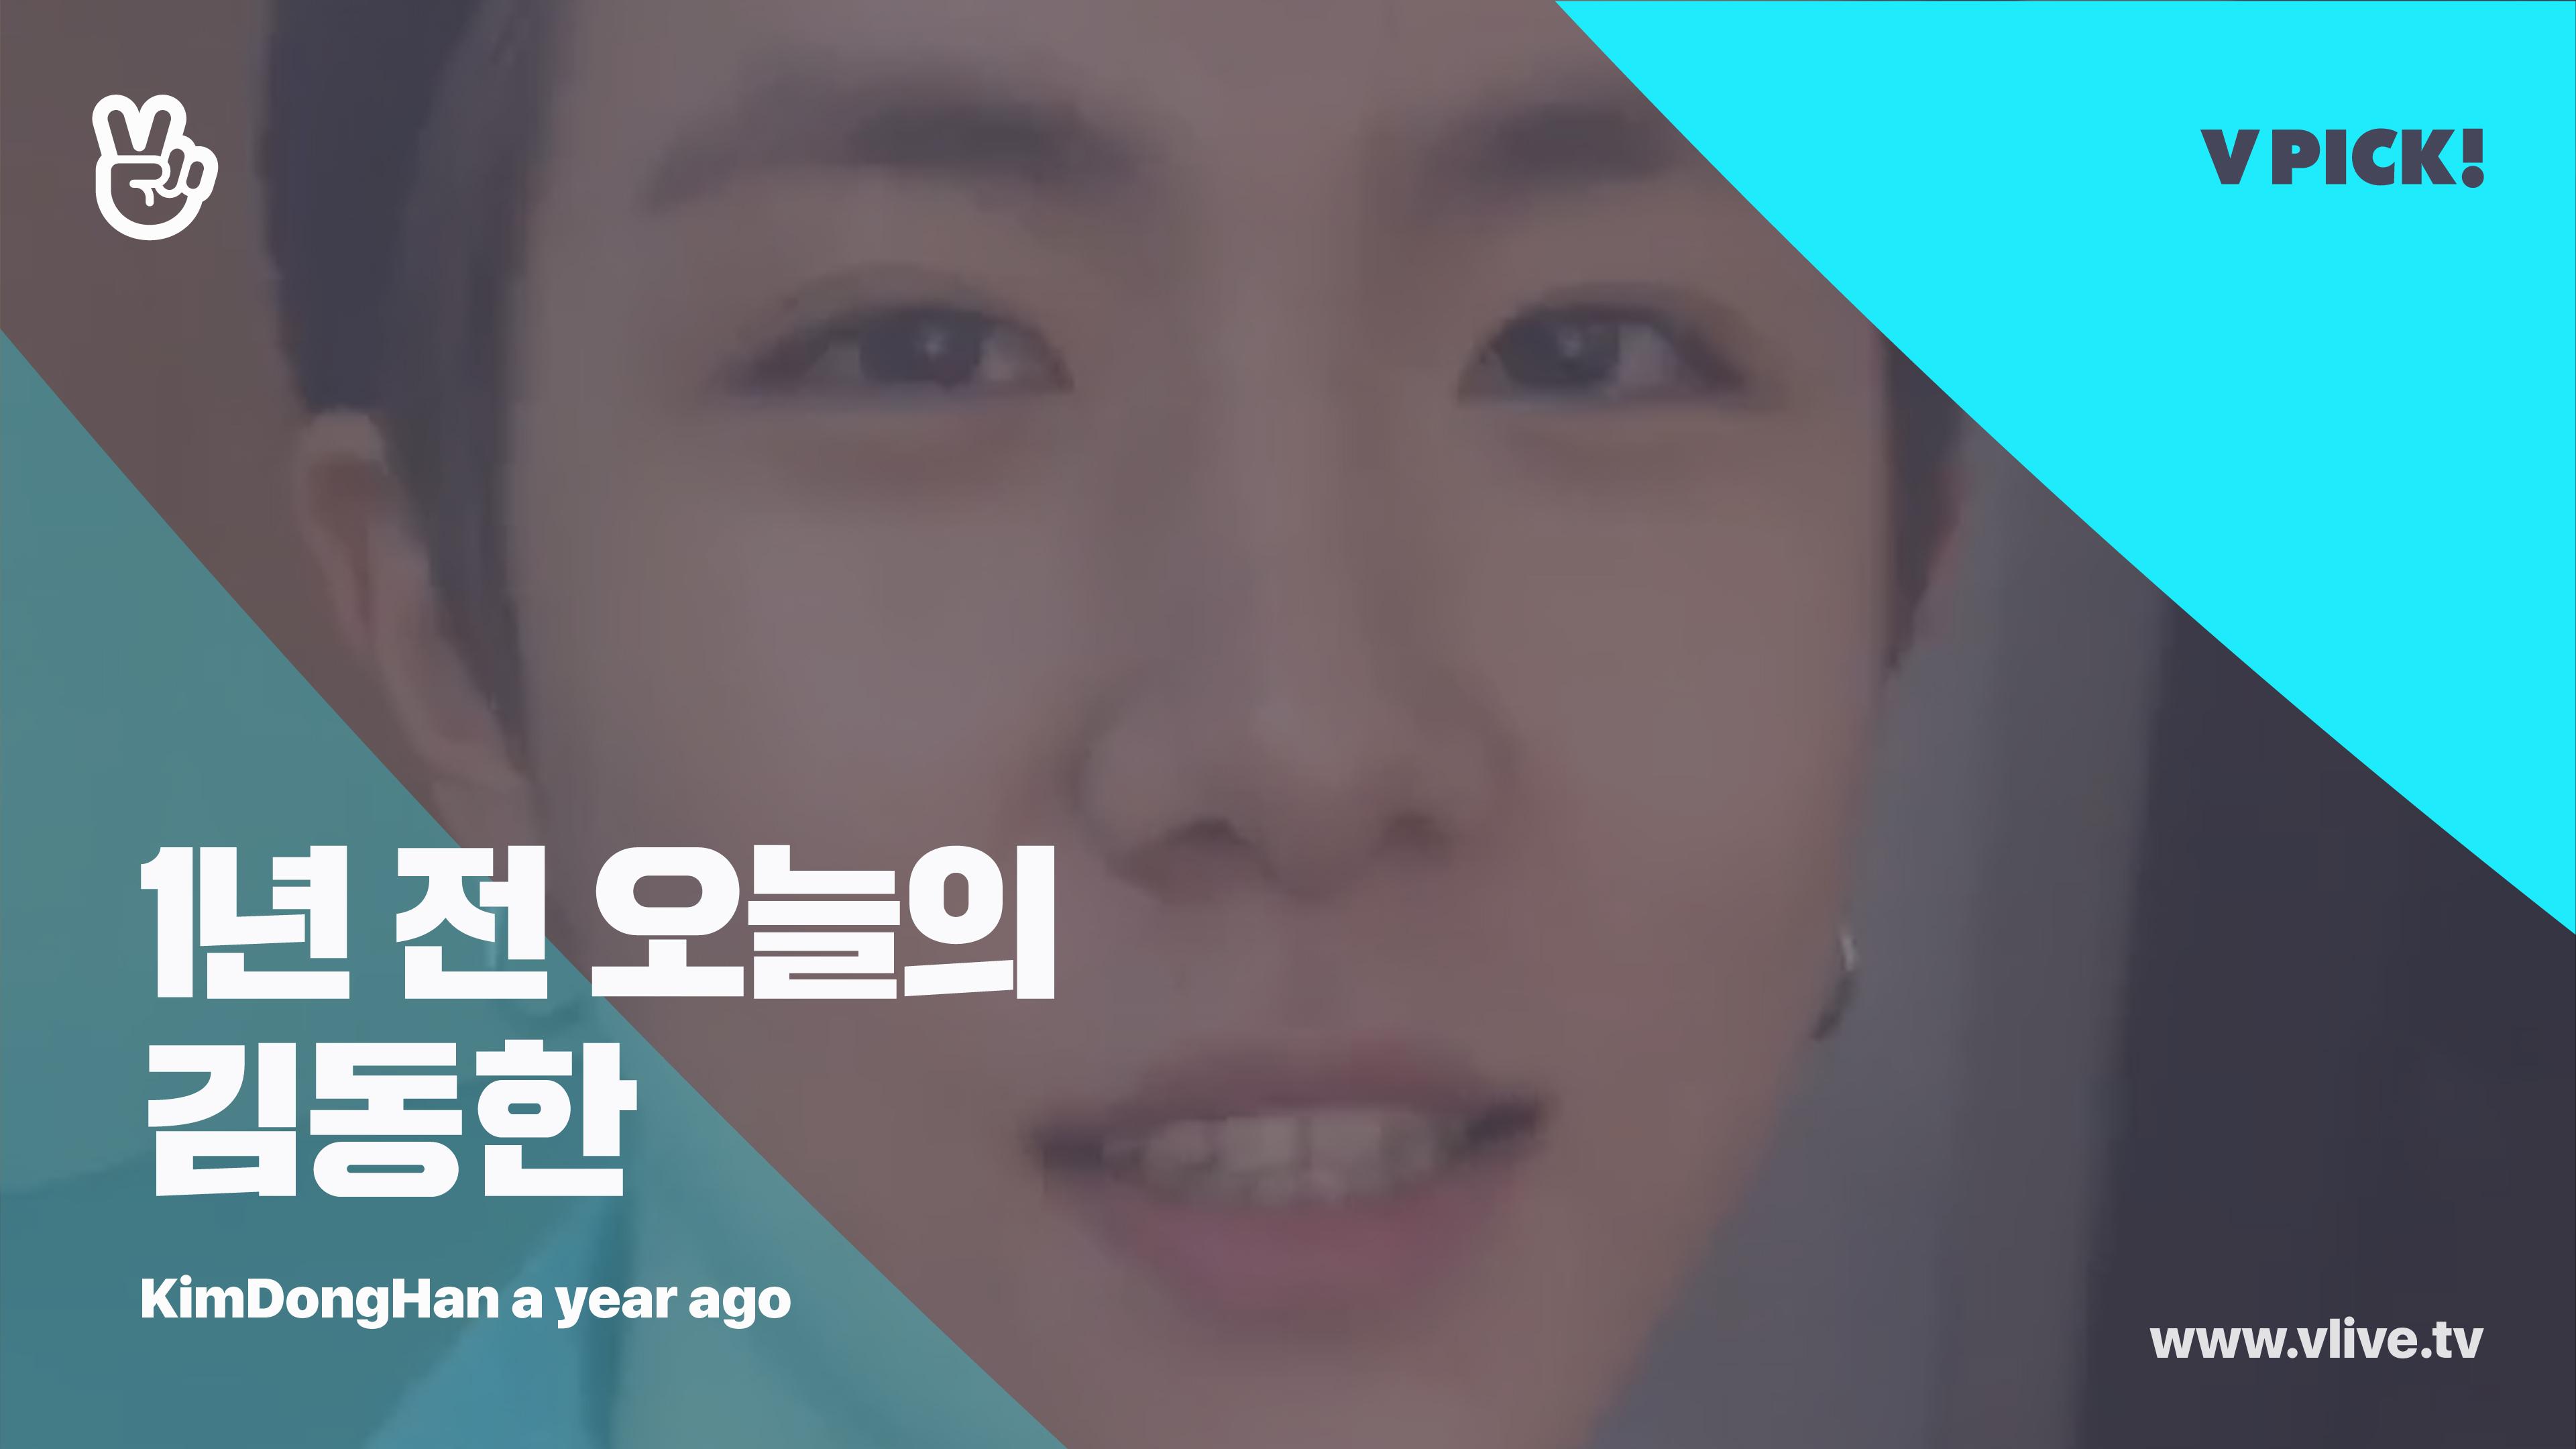 [1년 전 오늘의 KimDongHan] 동하니 꽃이었는데 아름다워서 신이 사람으로 만들어줬다며? (KimDongHan's first V a year ago)